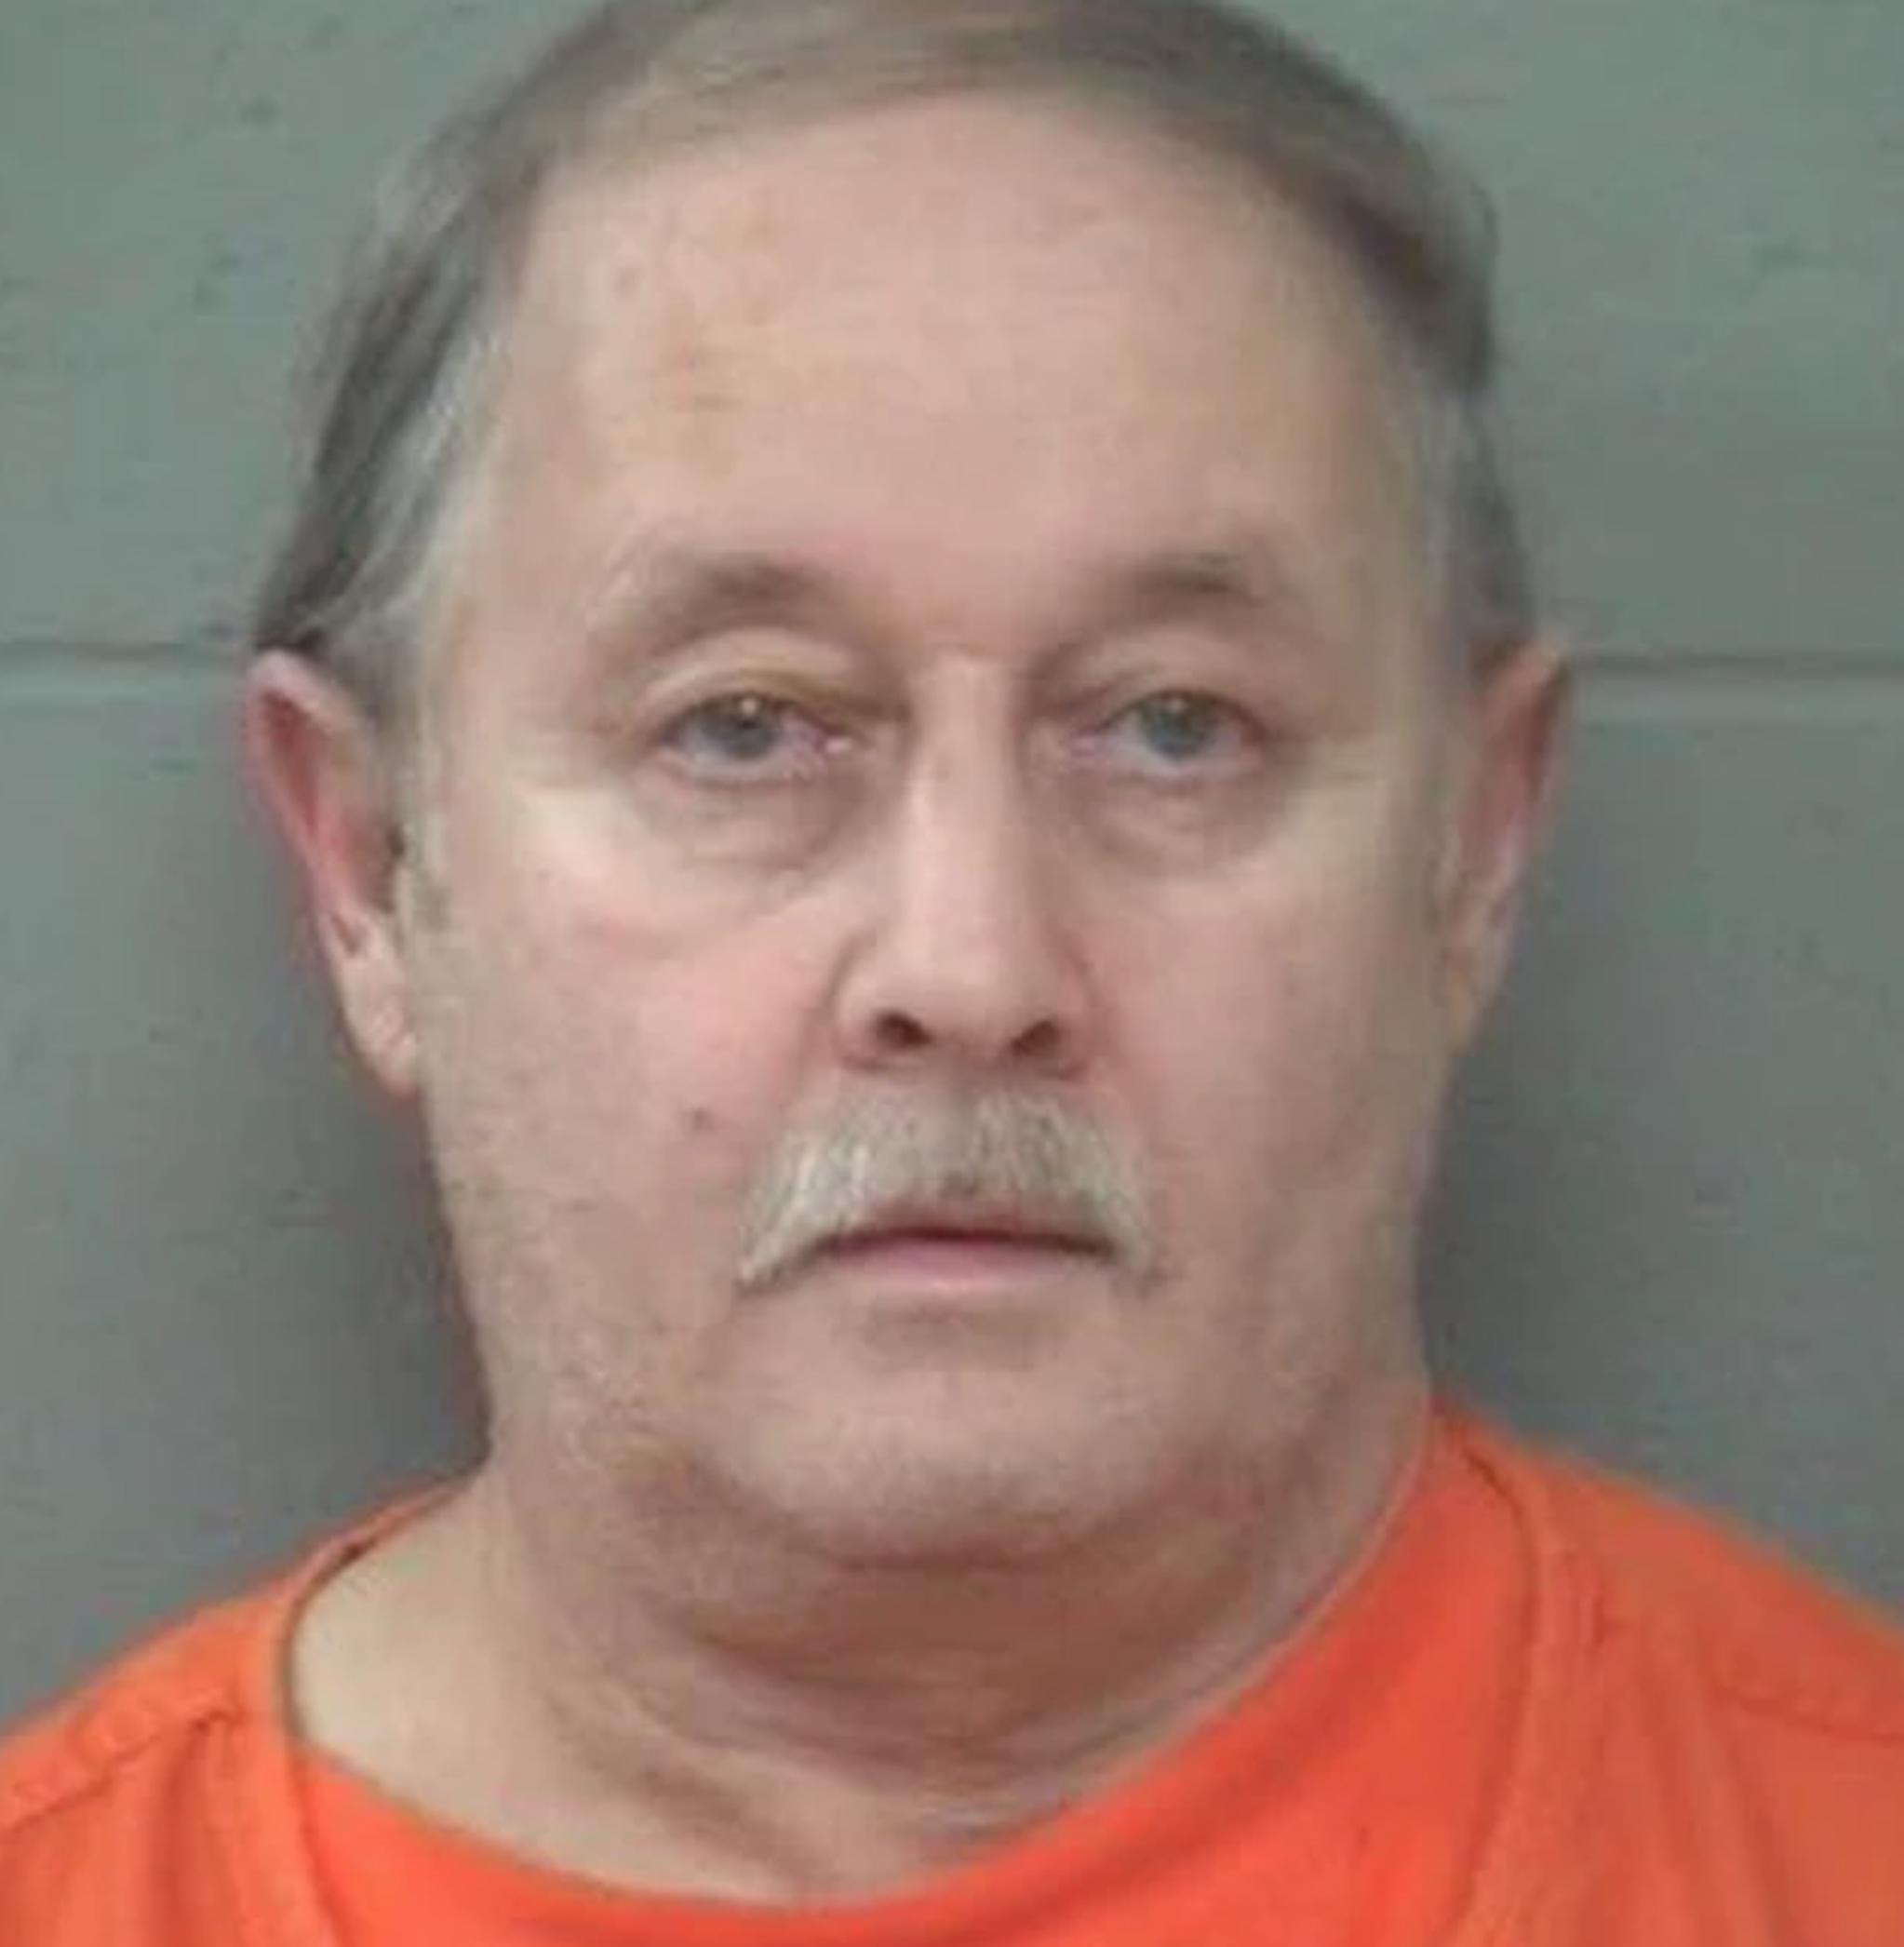 Lloyd Pitzen, sex offender